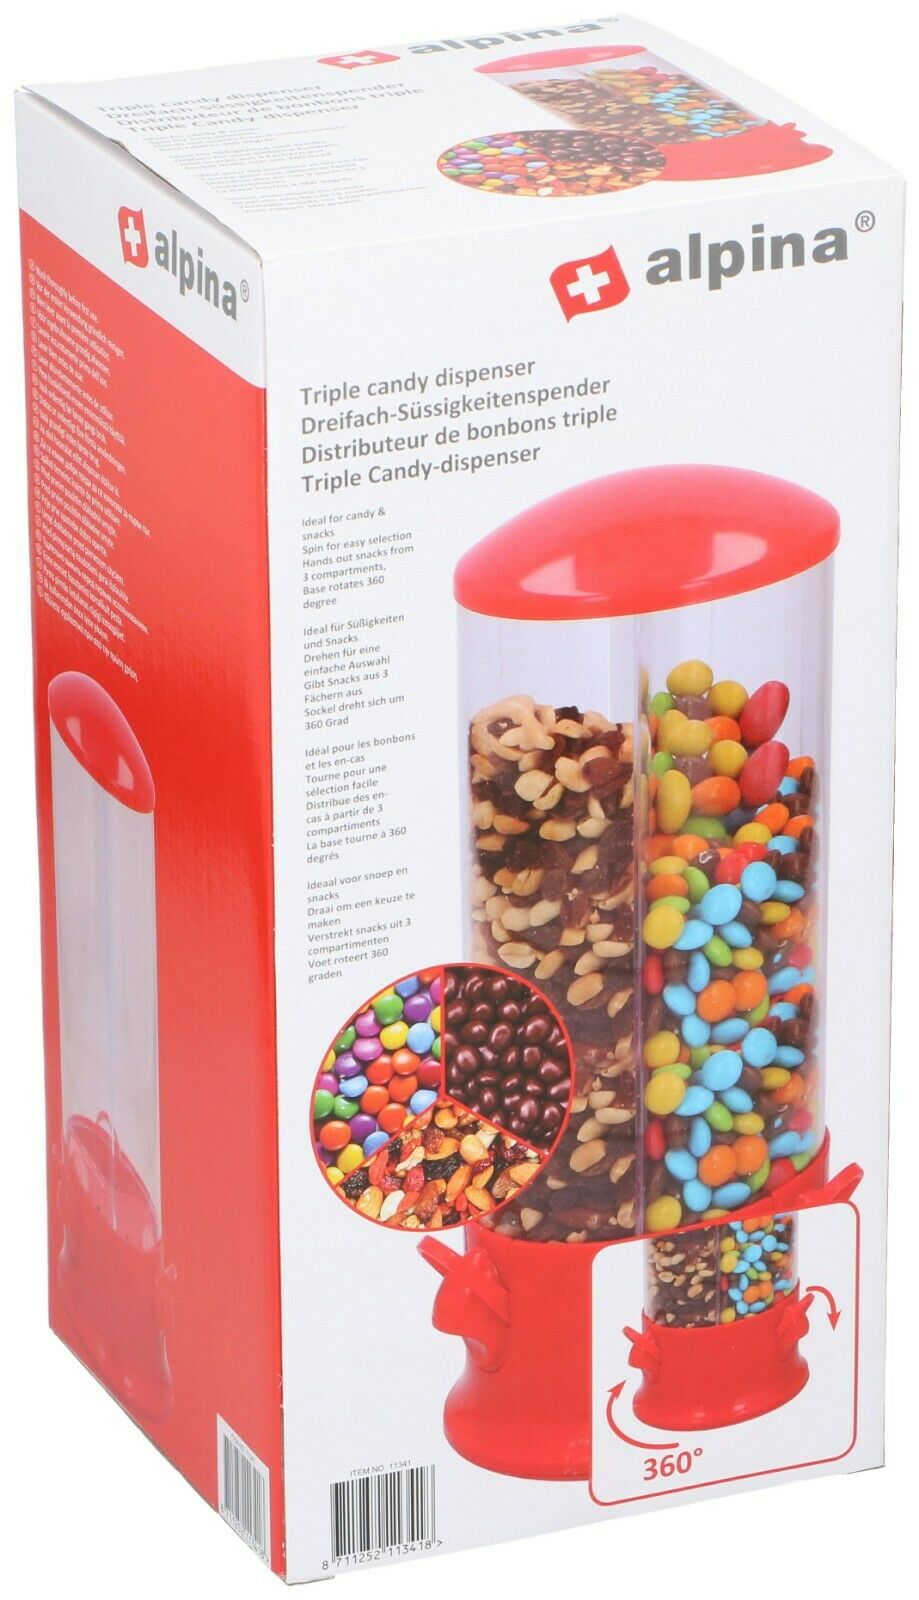 Alpina Triple Candy Machine Distributeur 3 compartiments Snacks tournante de conservation